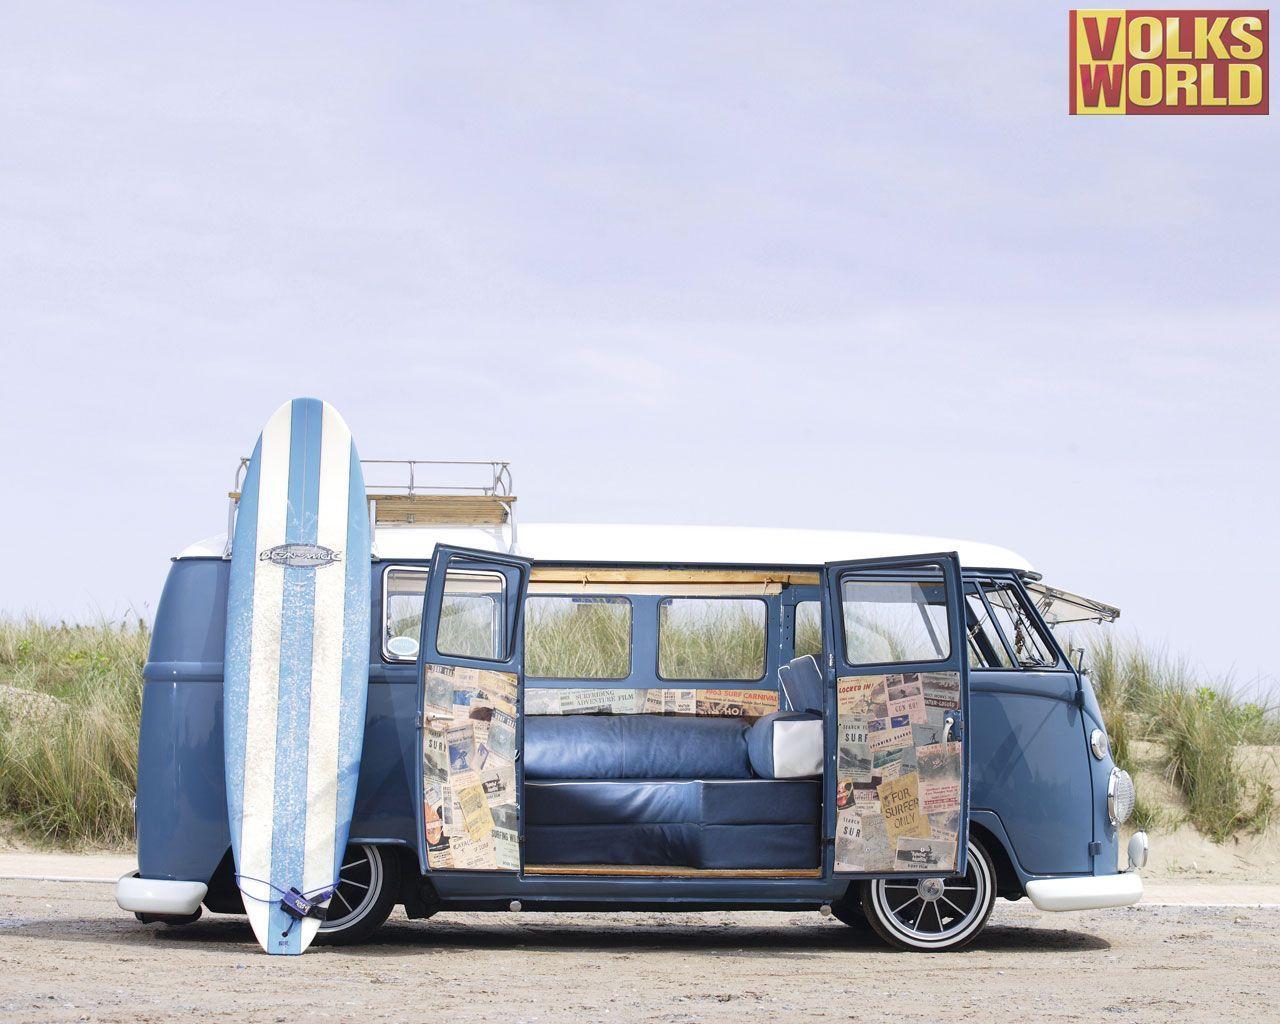 Surf Van Wallpaper Volkswagen Bus Vw Van Volkswagen Van